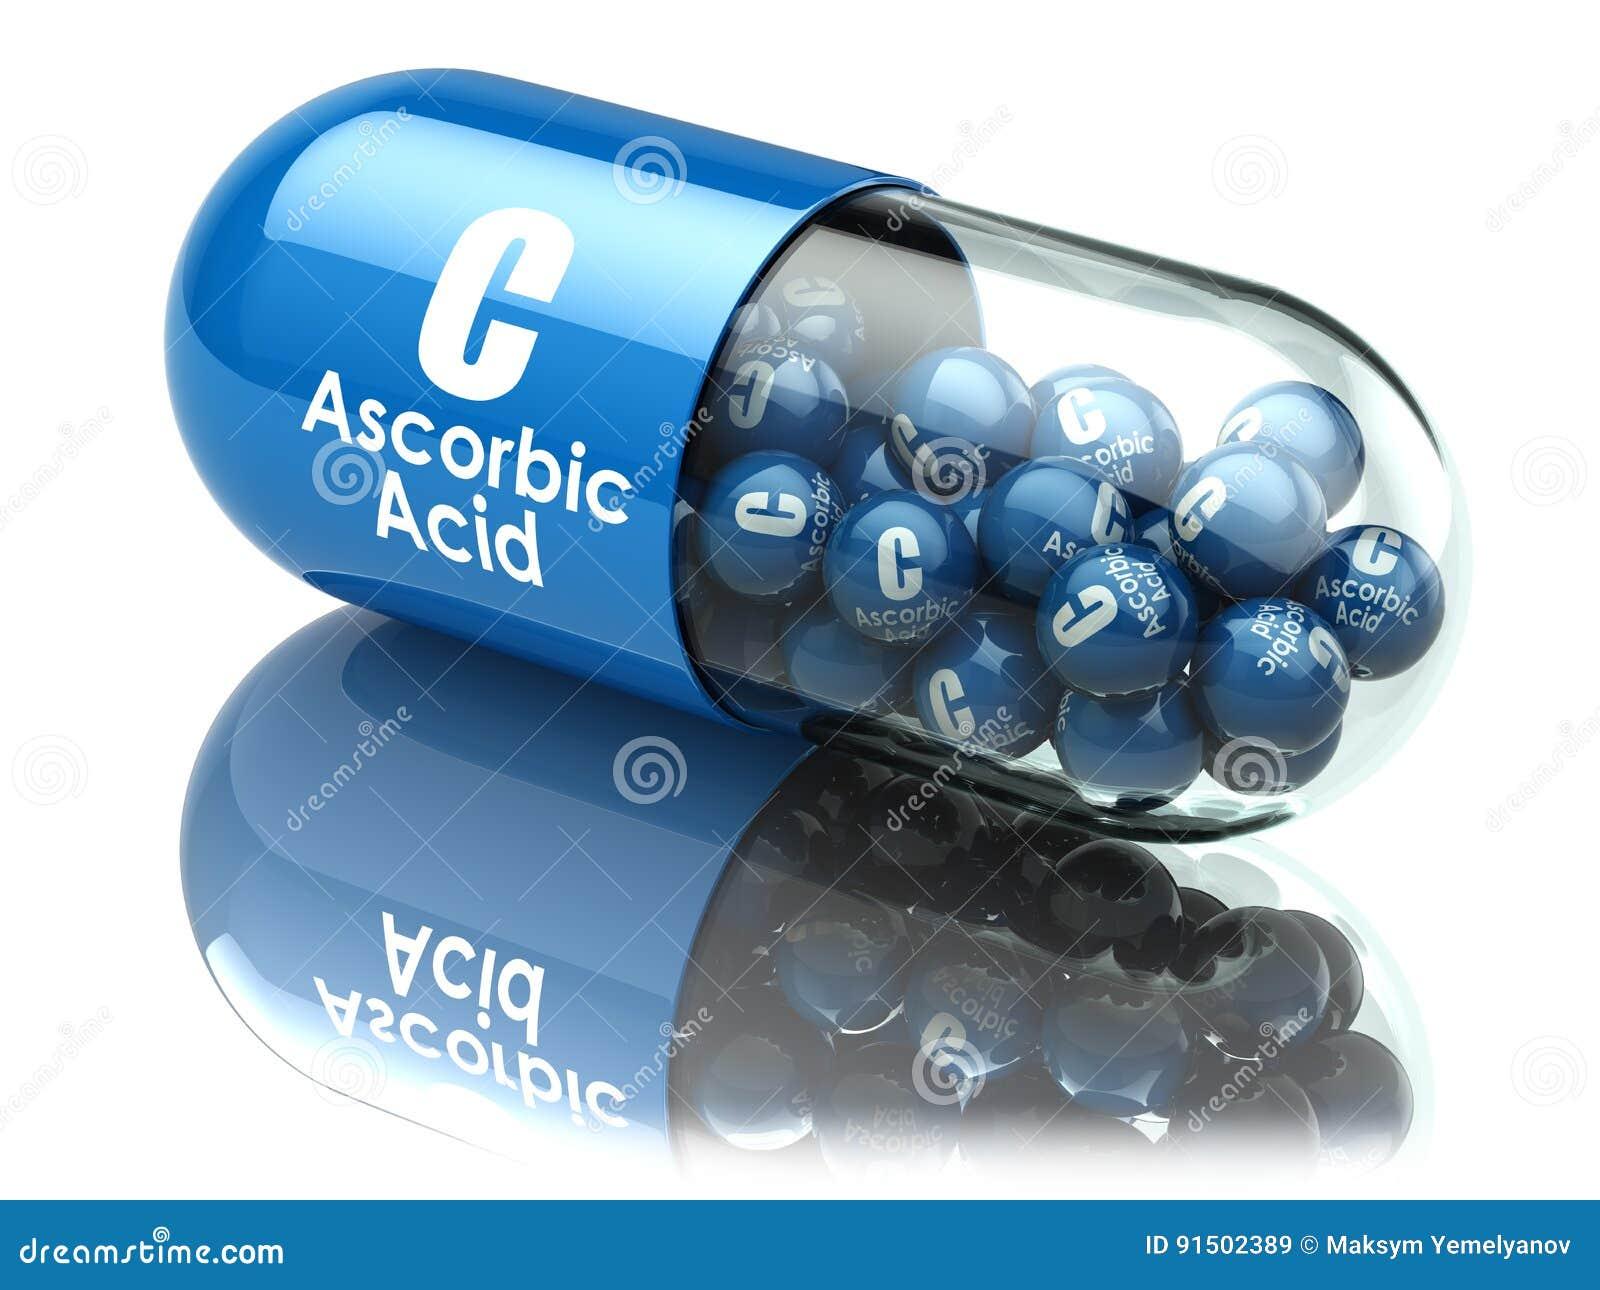 维生素C胶囊或药片 抗坏血酸 饮食补充条款